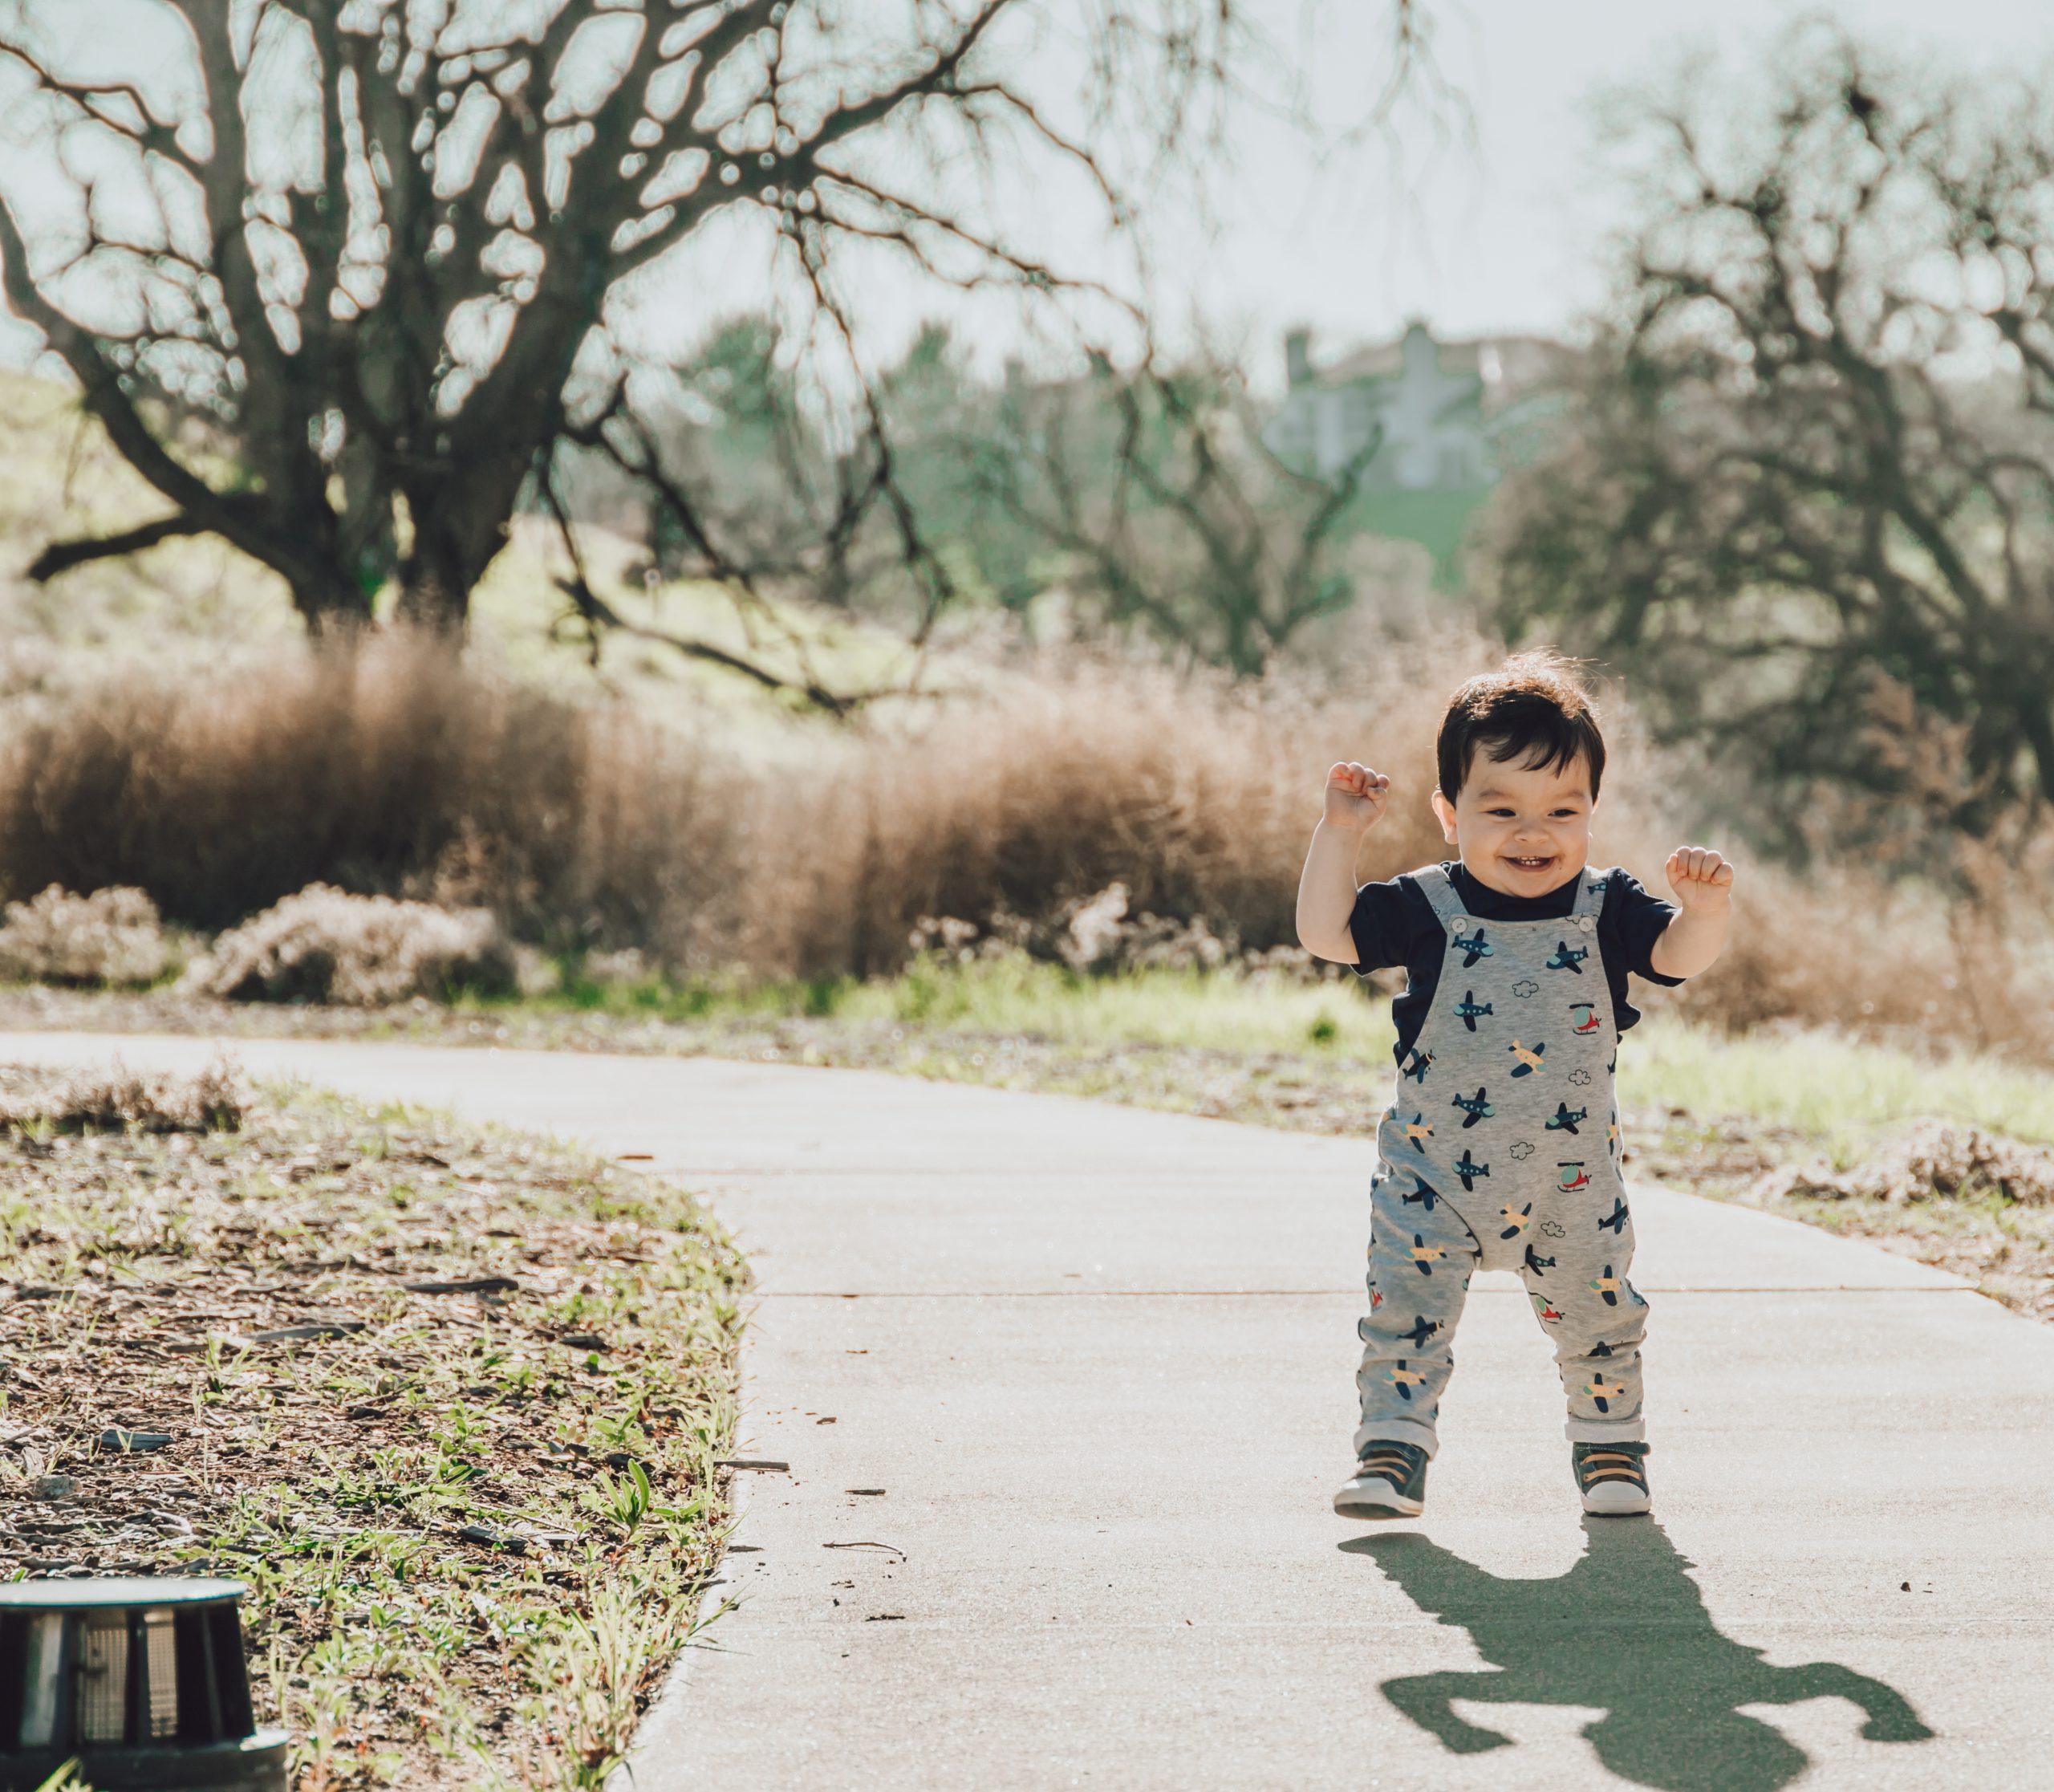 summit park portrait photography